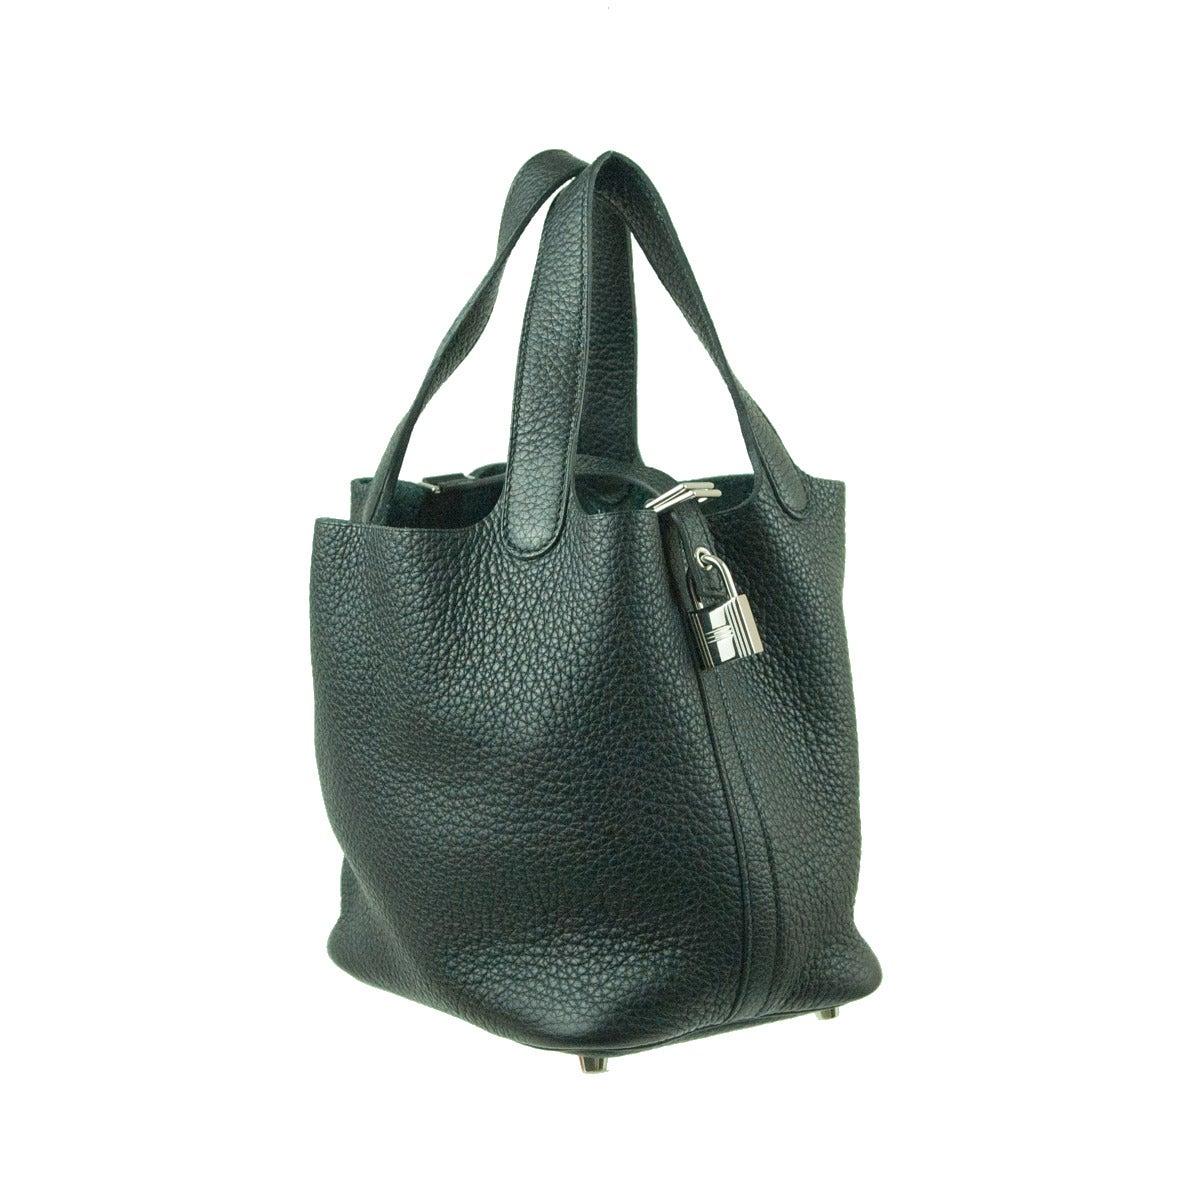 4fc0803972f Hermès Picotin Lock PM Black Bag In New Condition For Sale In Gazzaniga (BG)